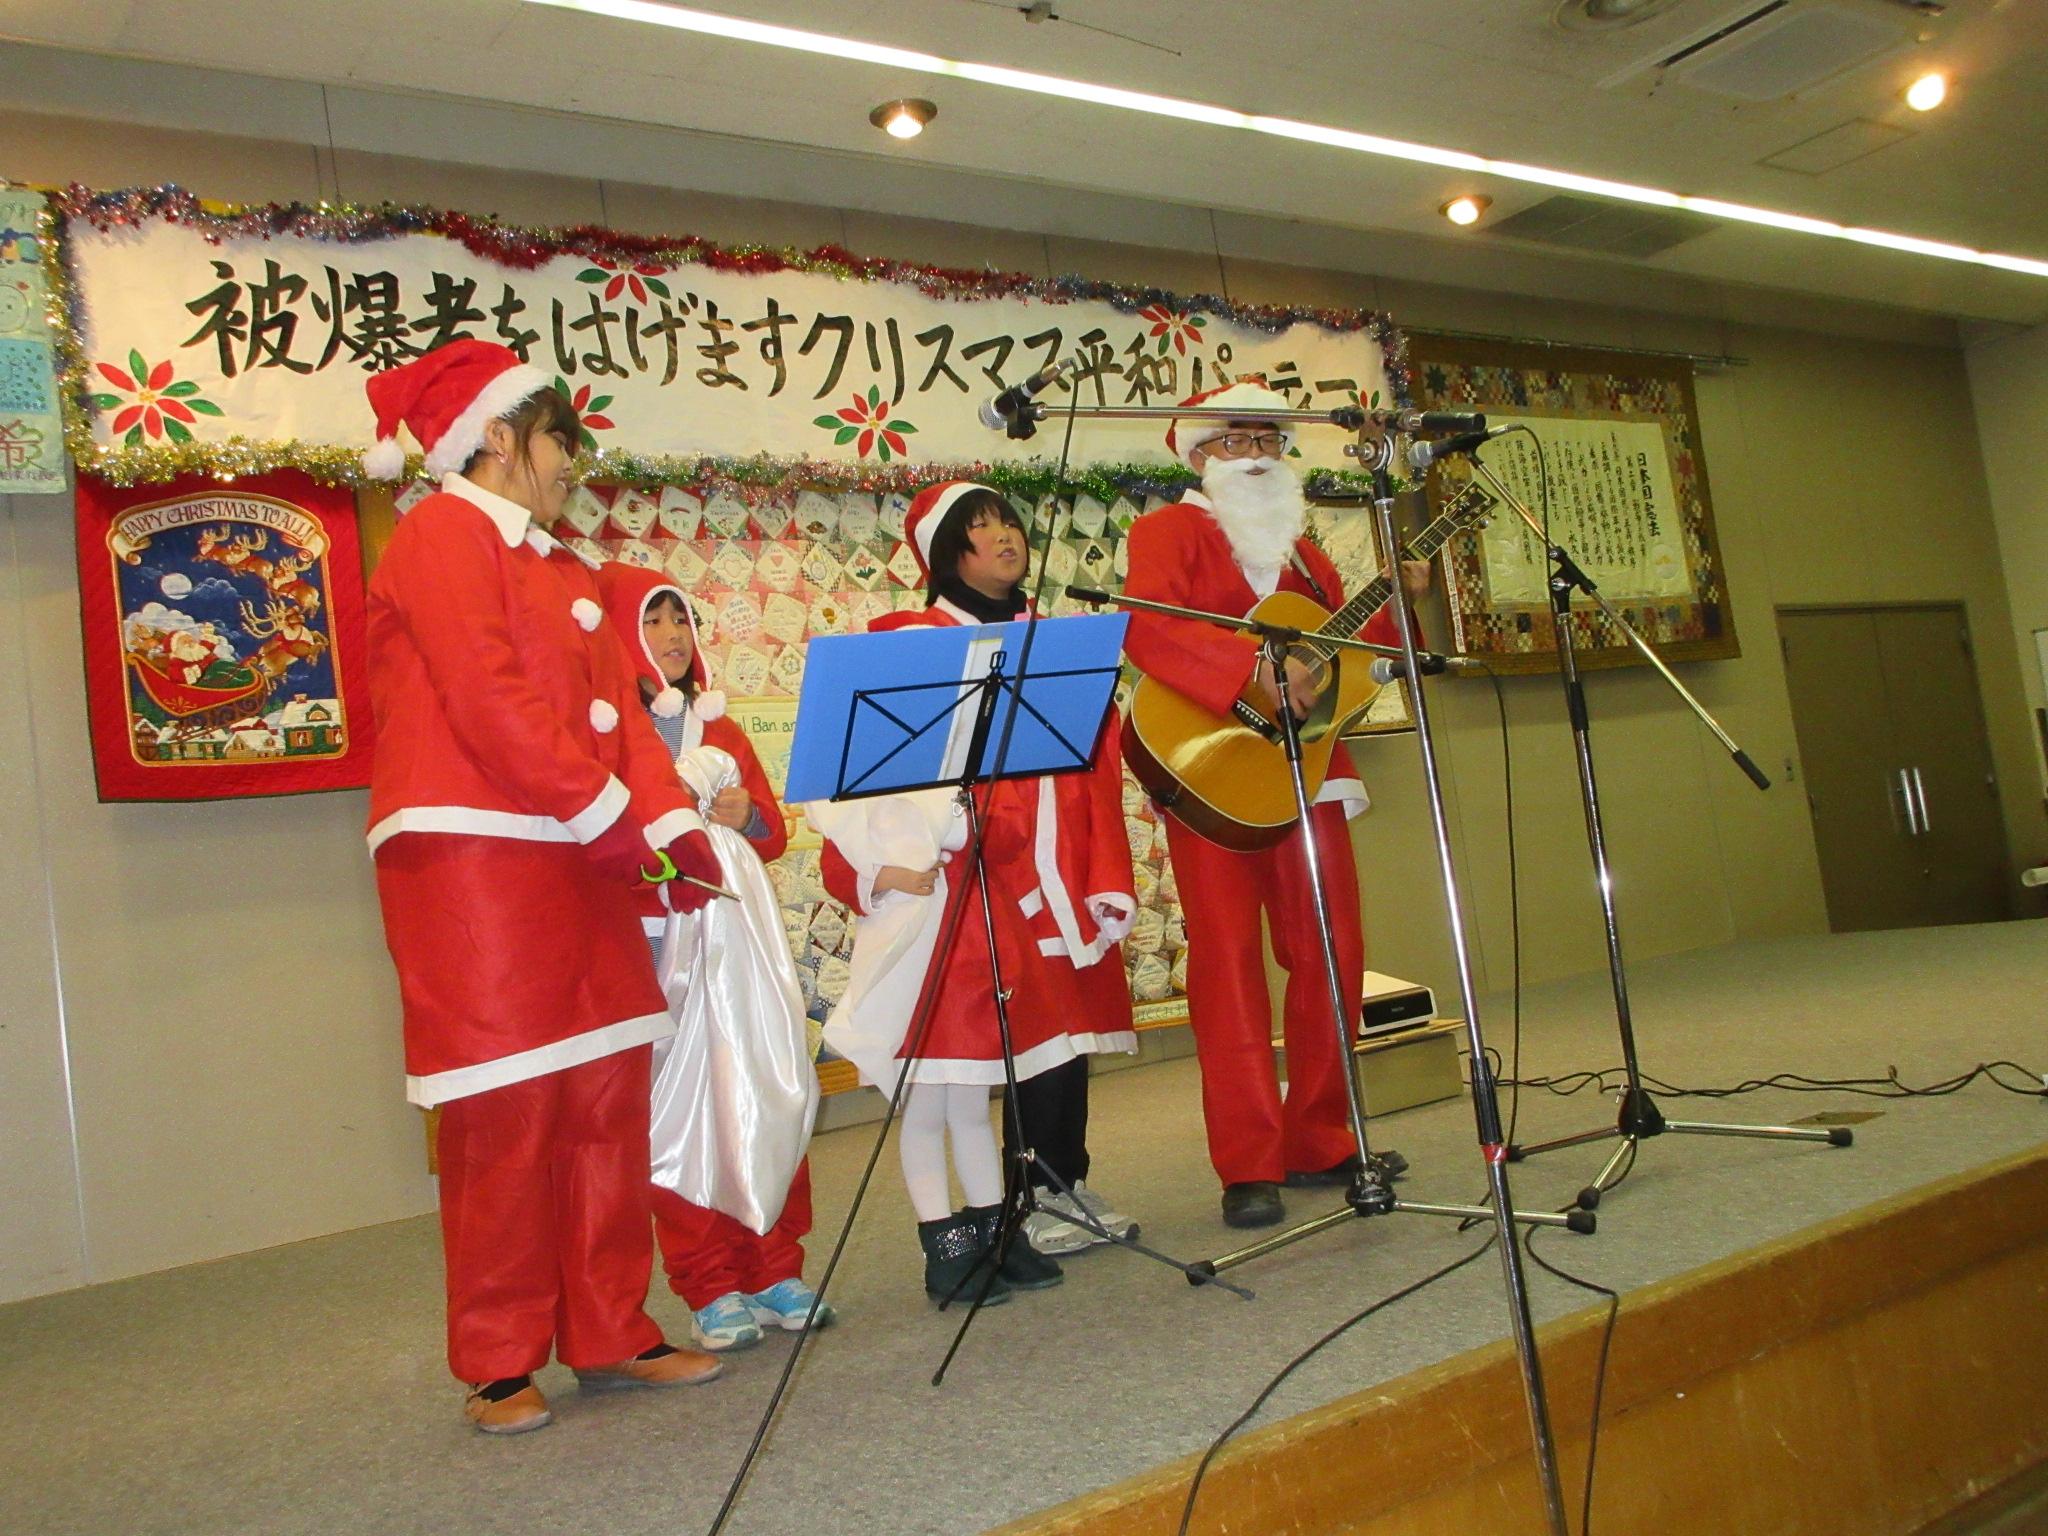 http://www.inoue-satoshi.com/diary/IMG_3024.JPG